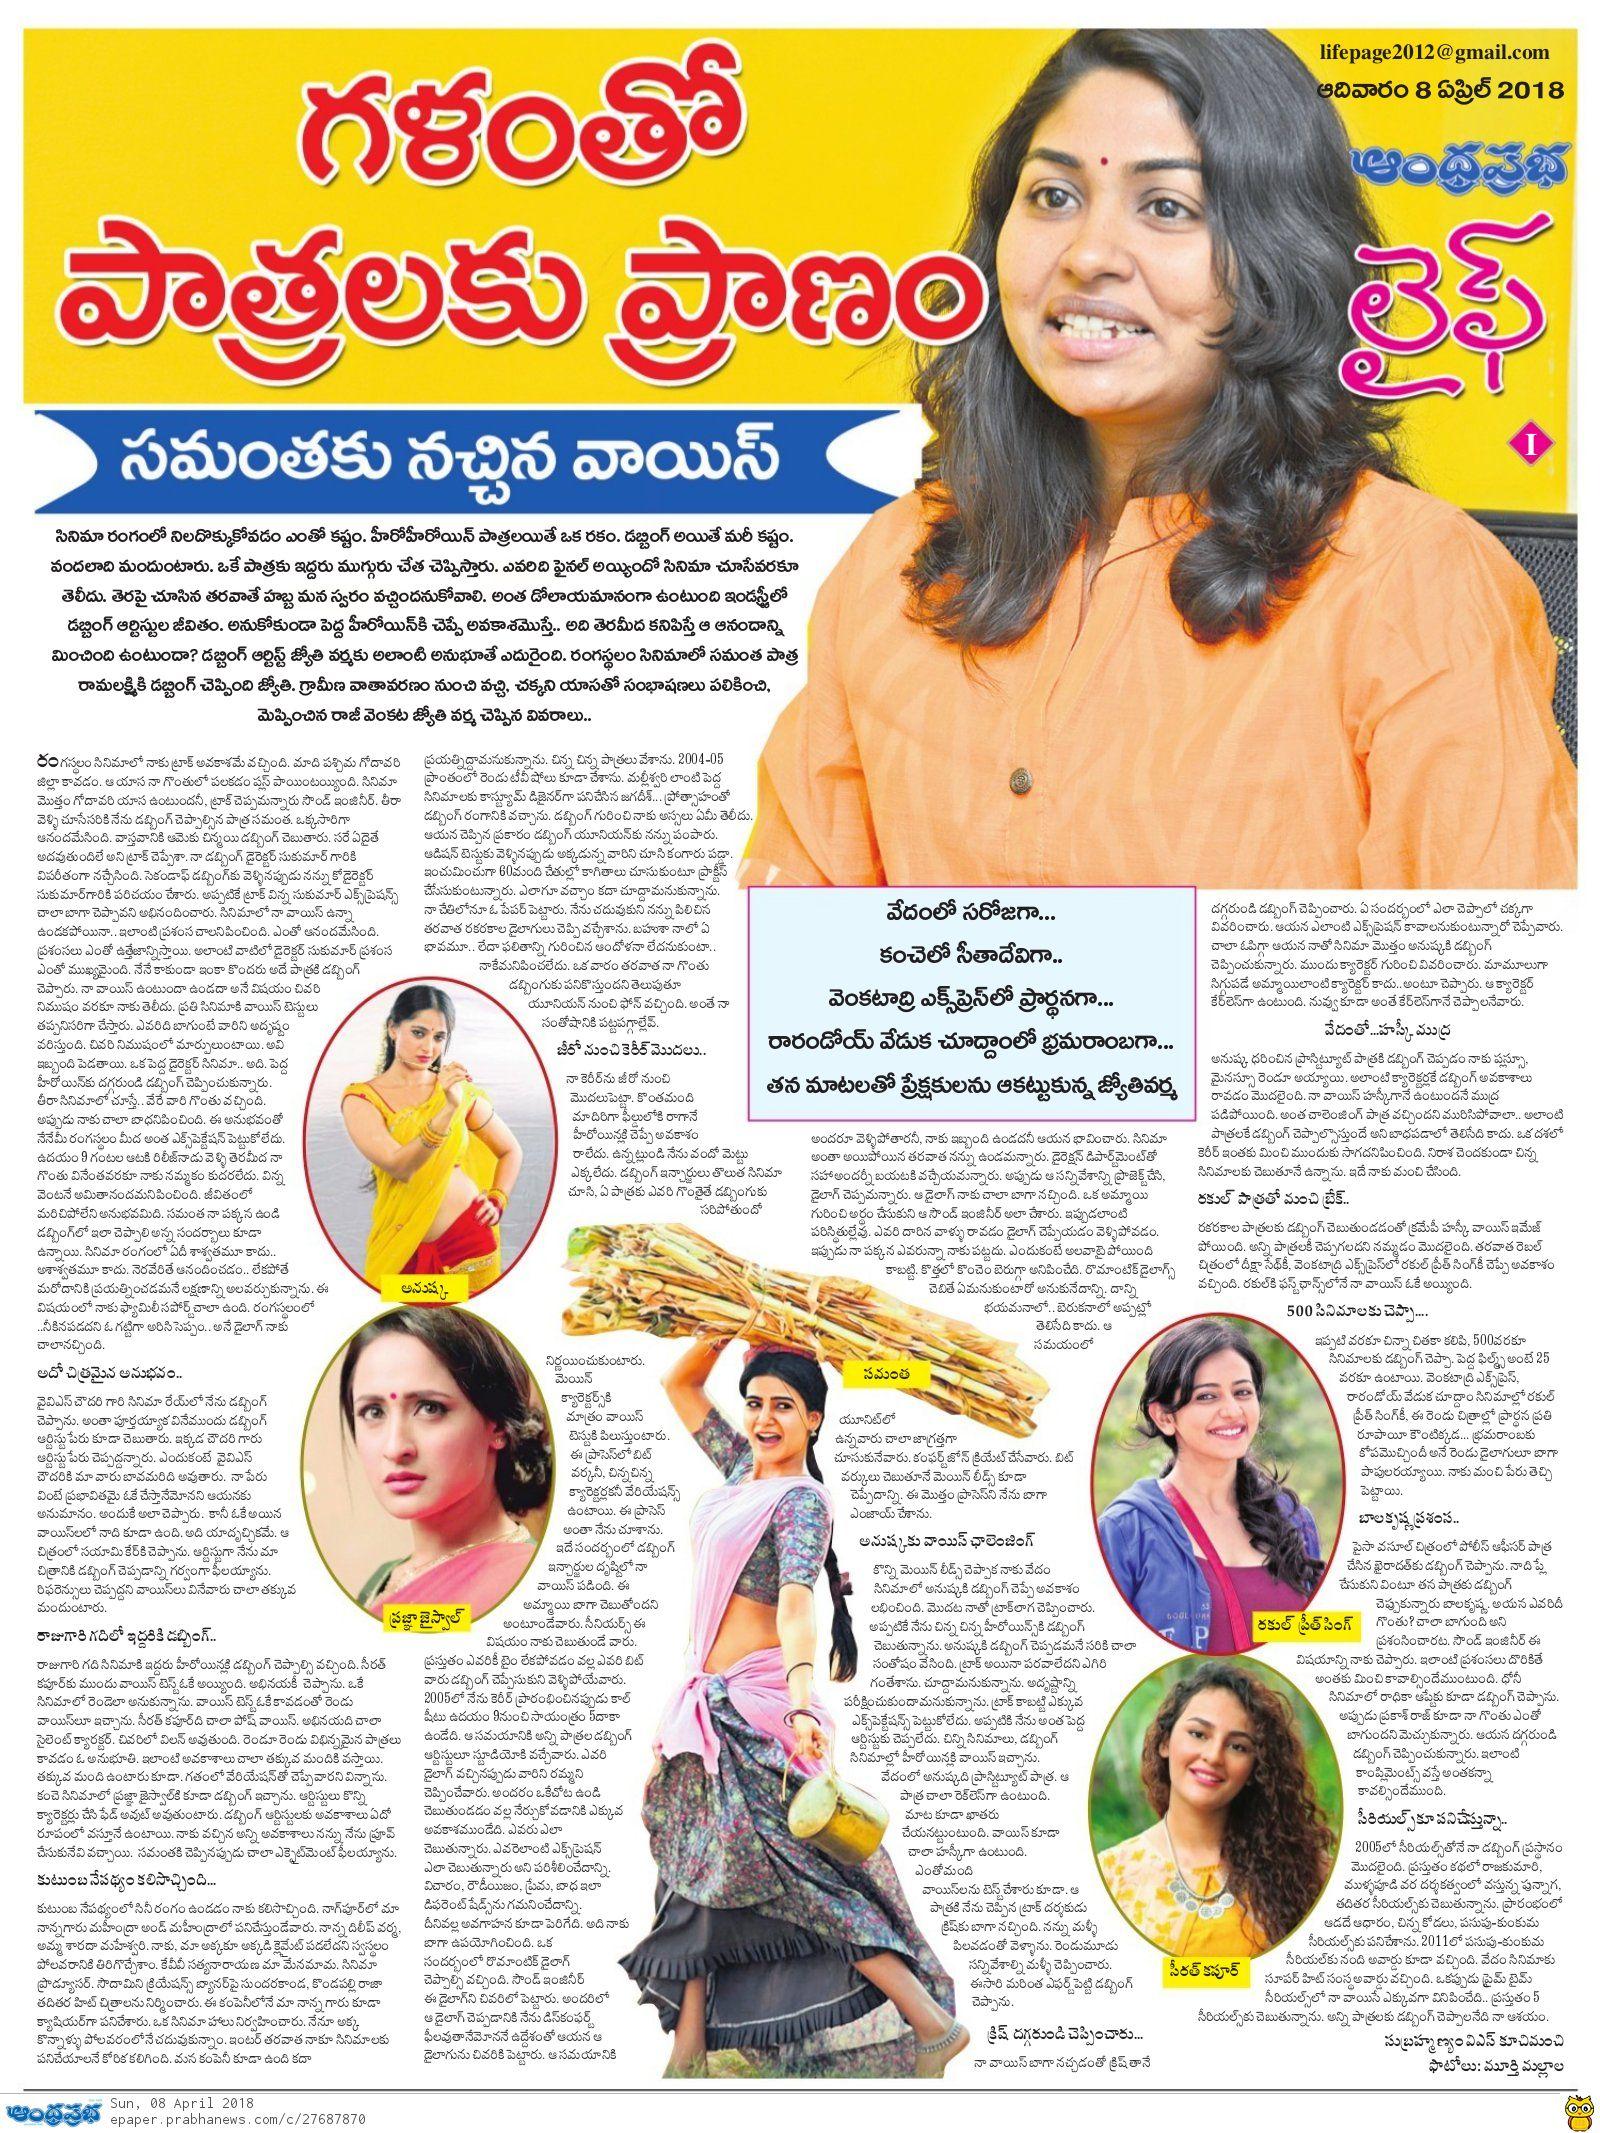 Dubbing jyotivarma